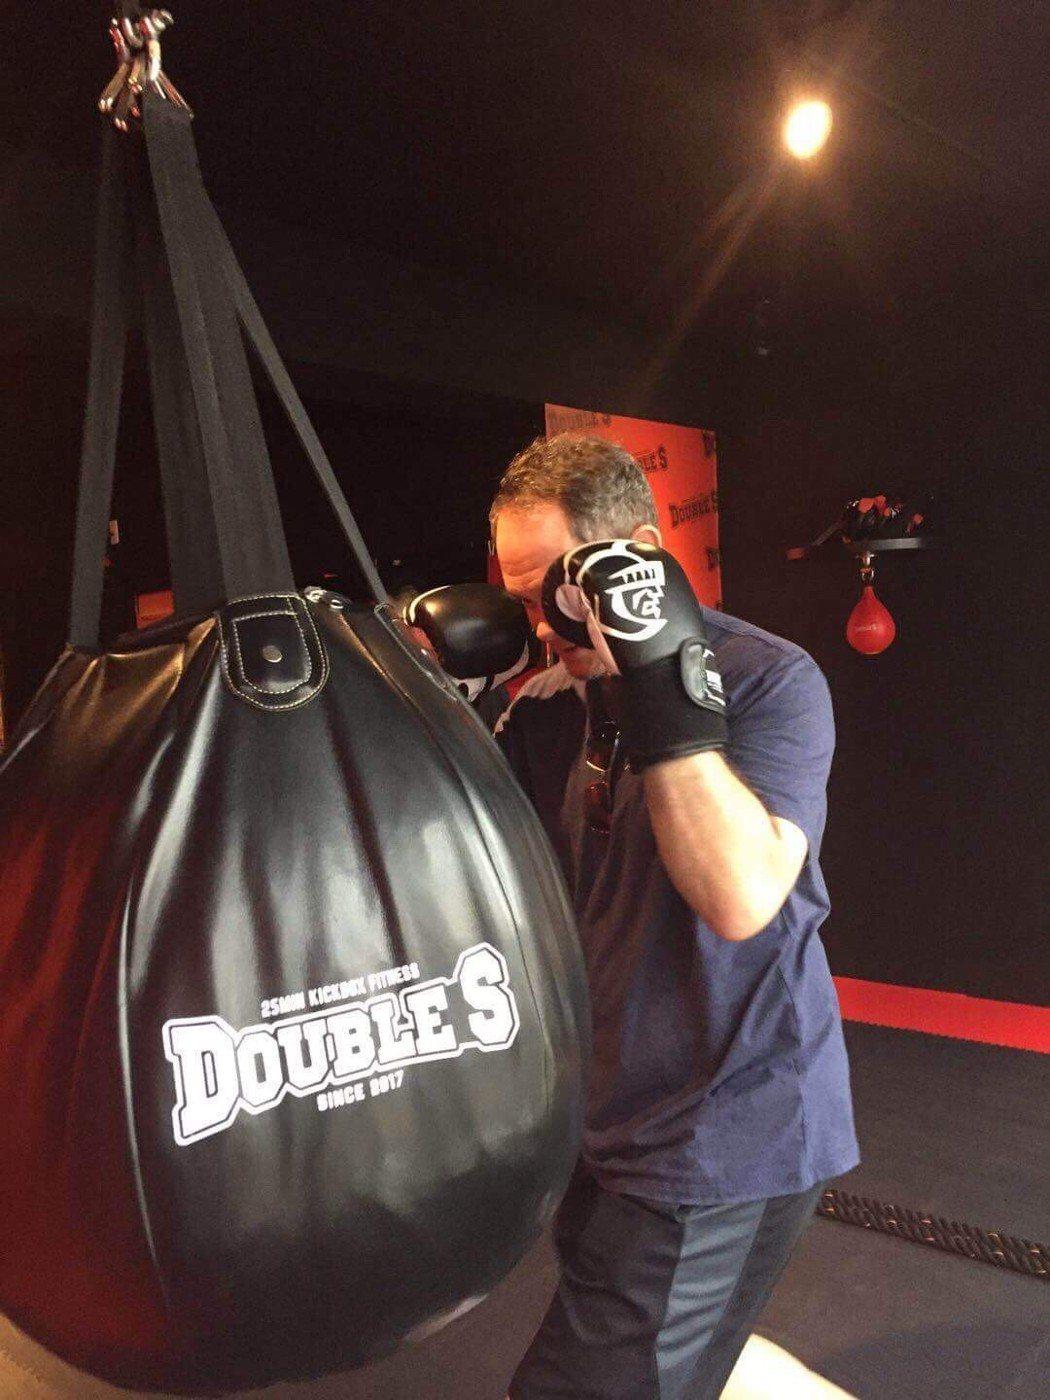 外資圈主管喜歡打擊沙包,享受爆汗運動的感覺。 Kickboxing/提供